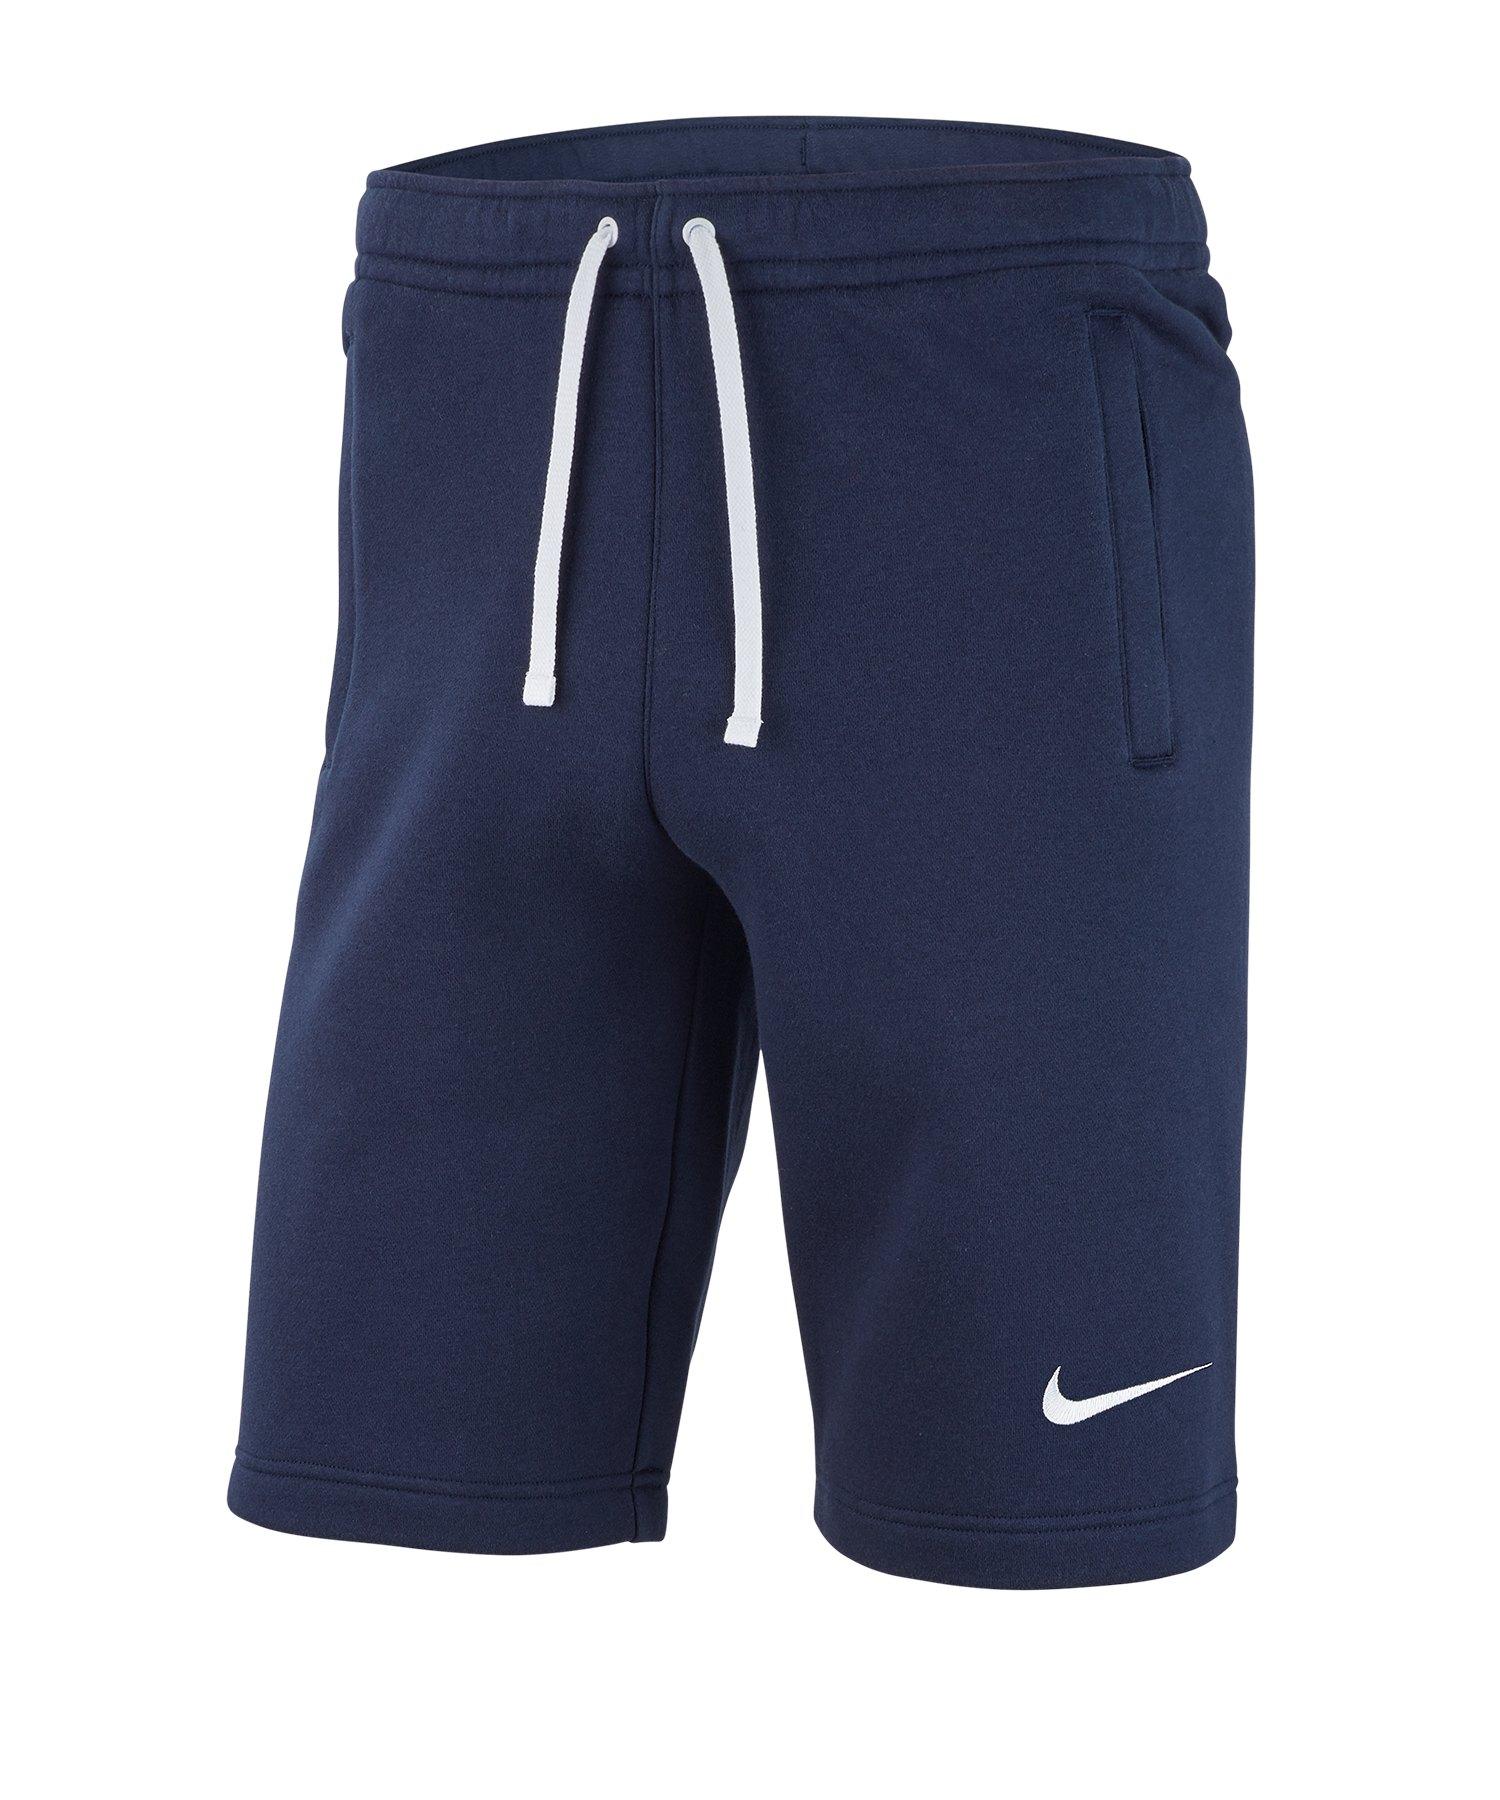 Nike Club 19 Fleece Short Blau F451 - blau